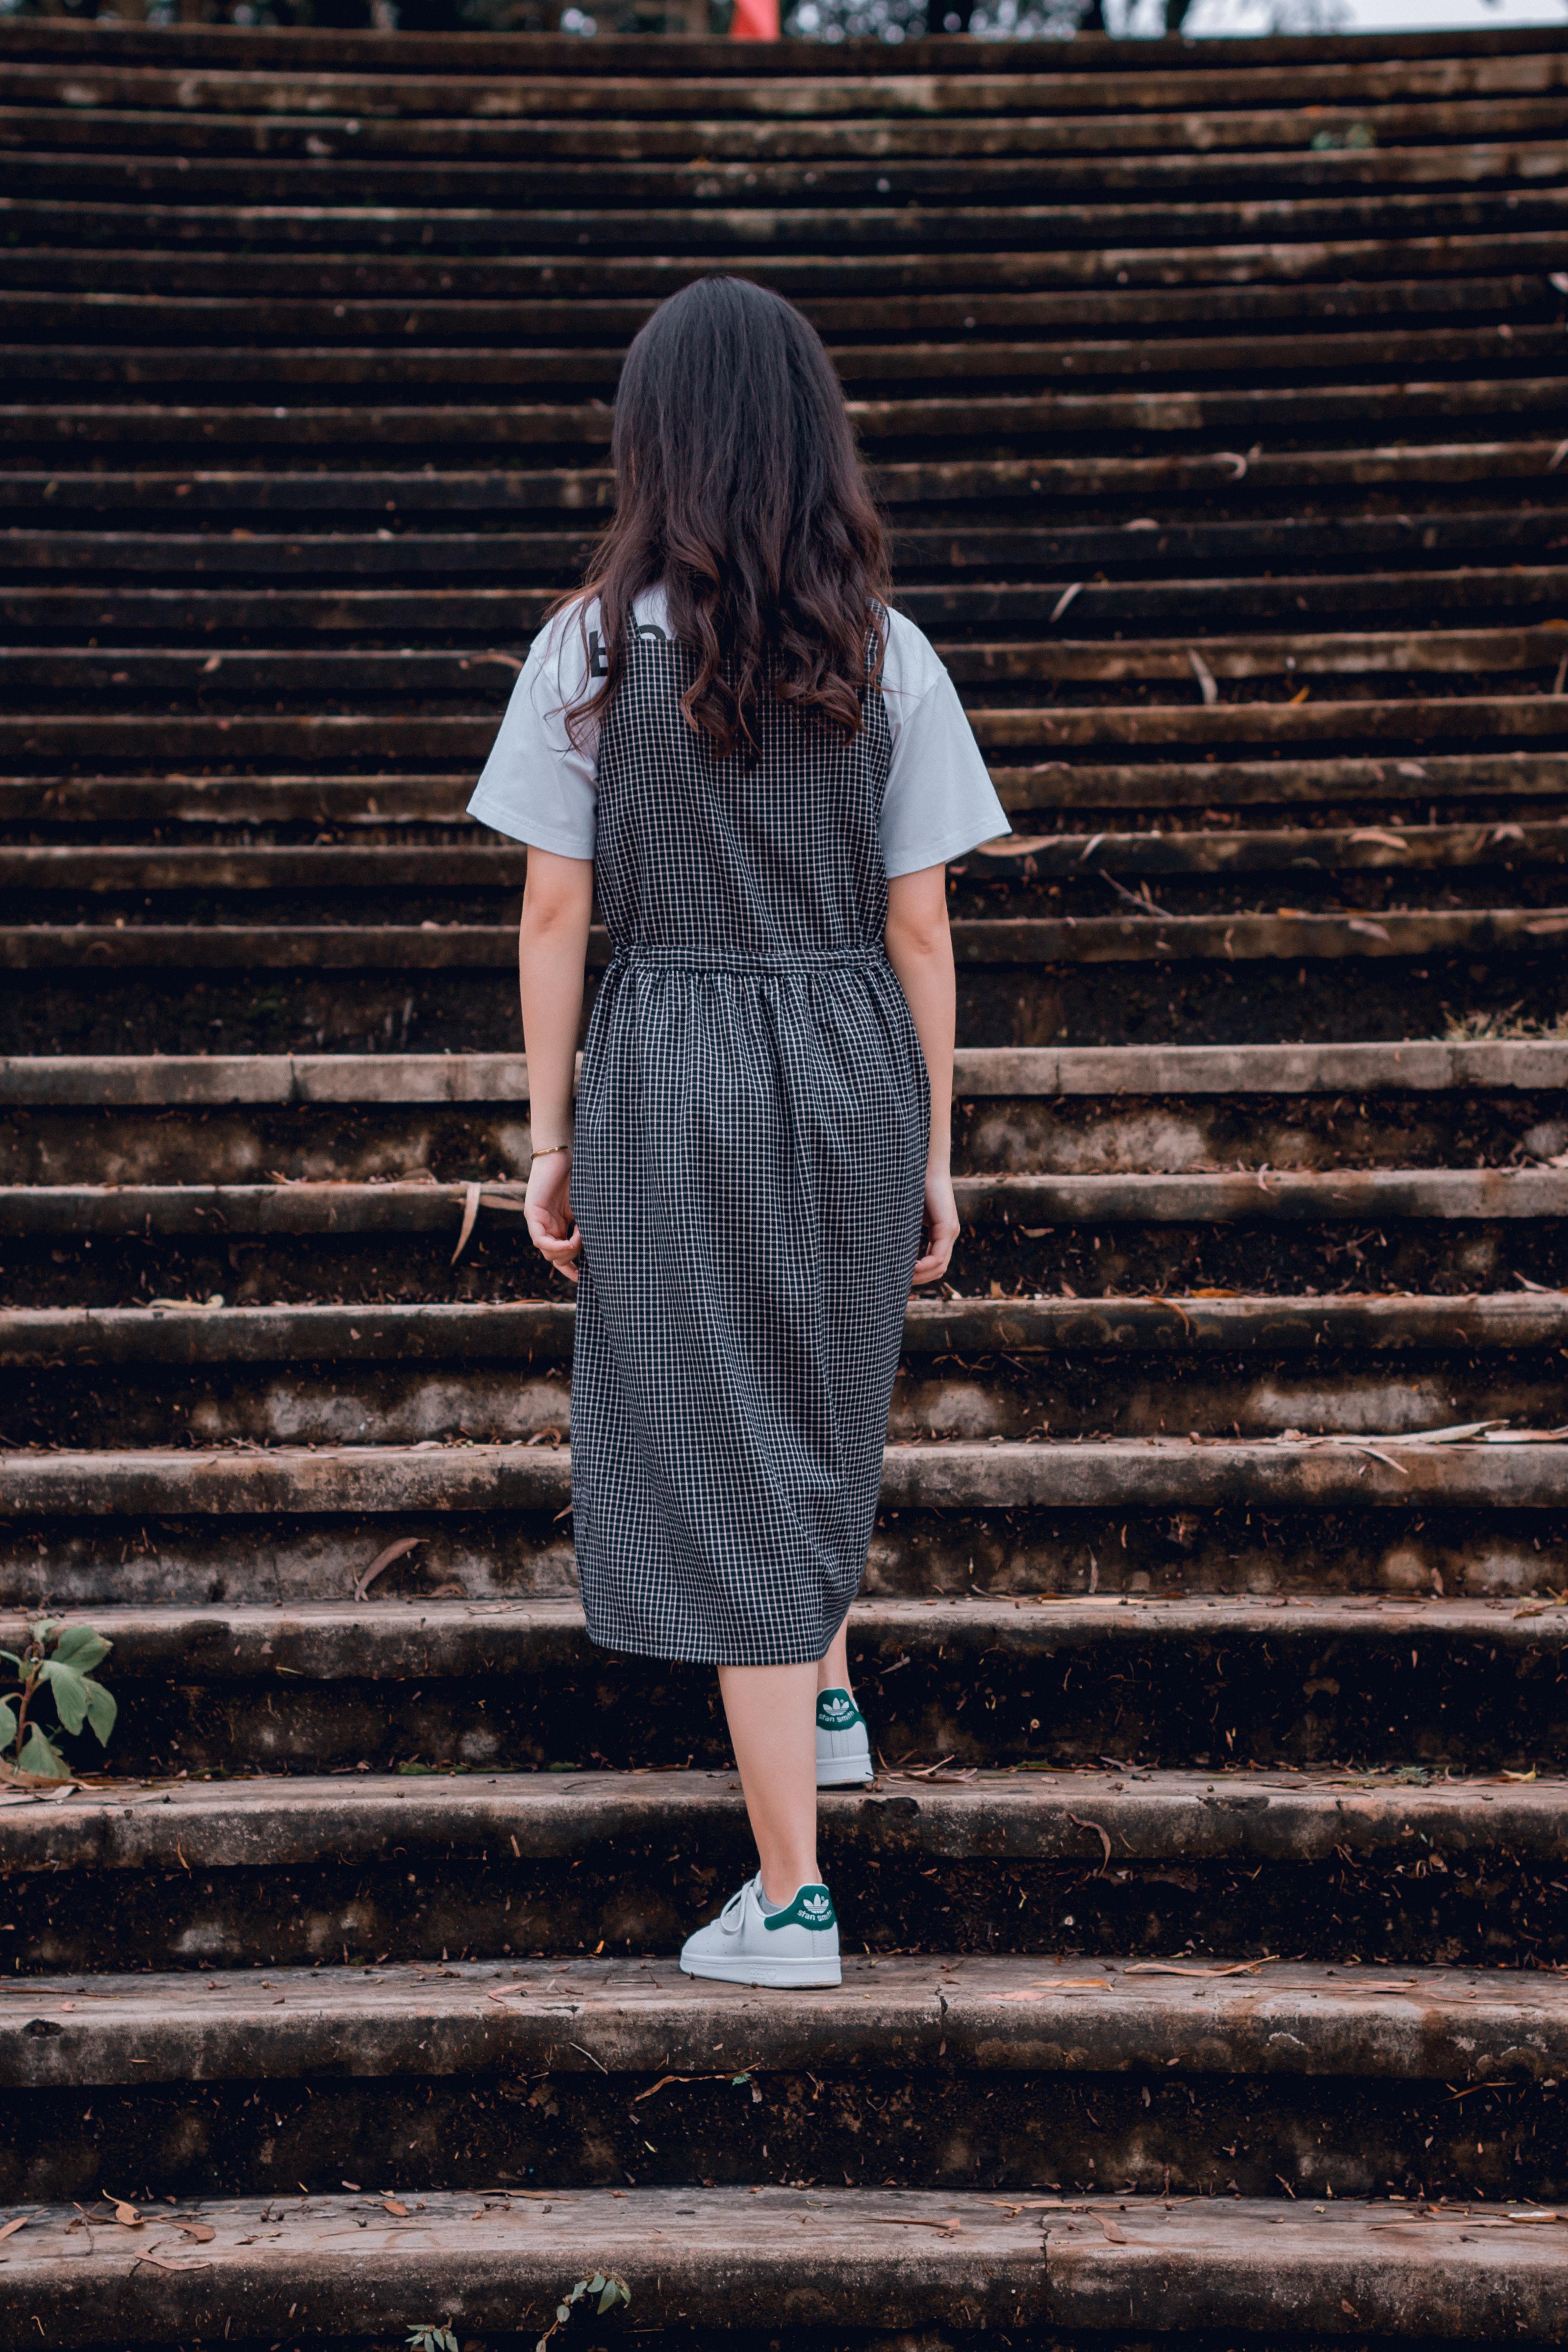 cfaf630562d9 betón denné svetlo šaty prostredie móda dievča vlasy vonku človek sukne  schody schodisko kroky nosenie žena